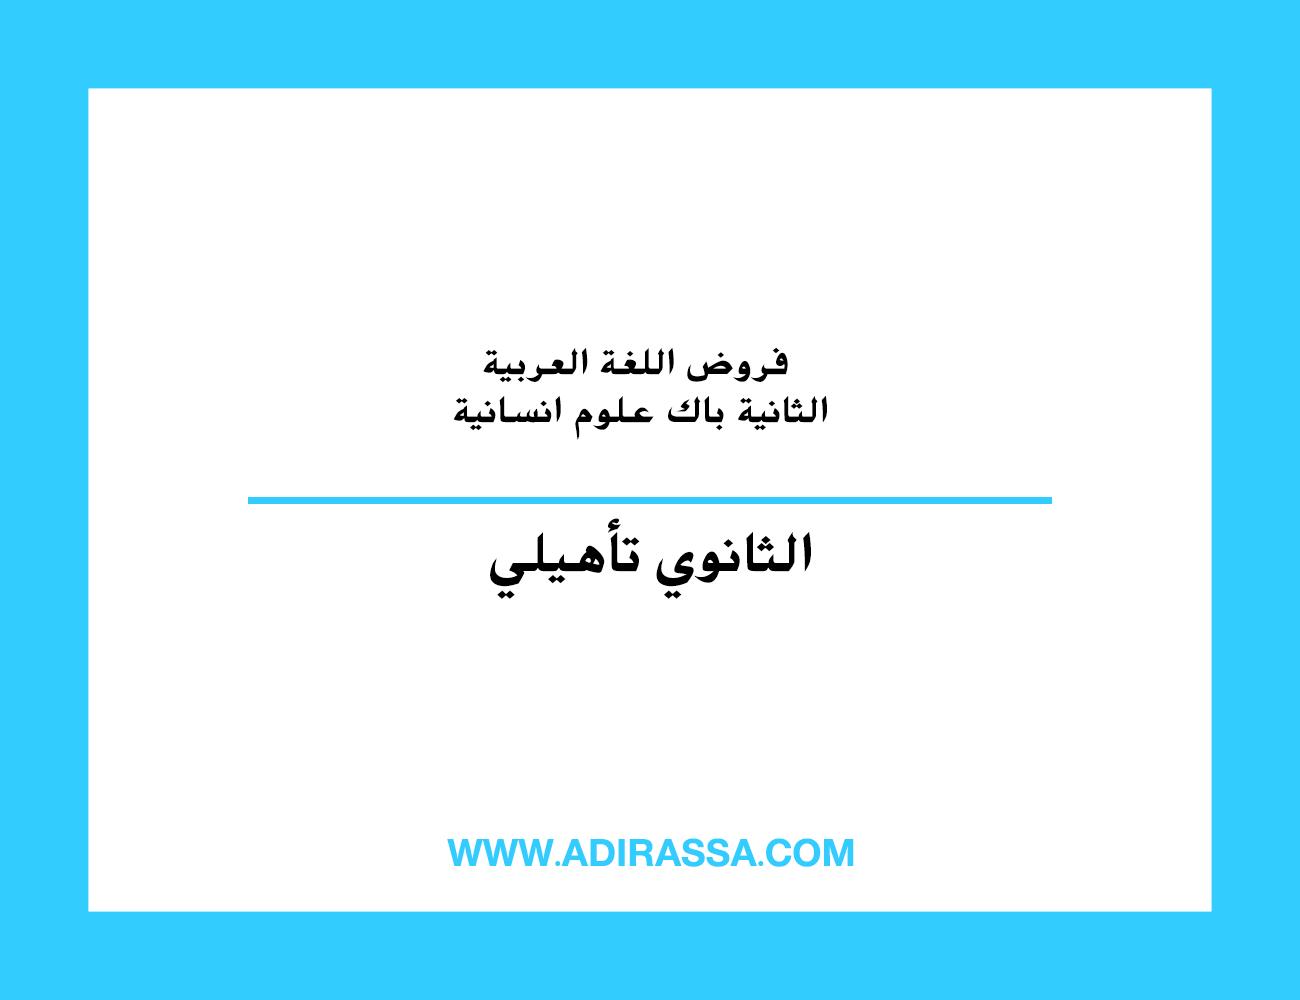 فروض اللغة العربية الثانية باك علوم انسانية بمستوى الثانوي التأهيلي